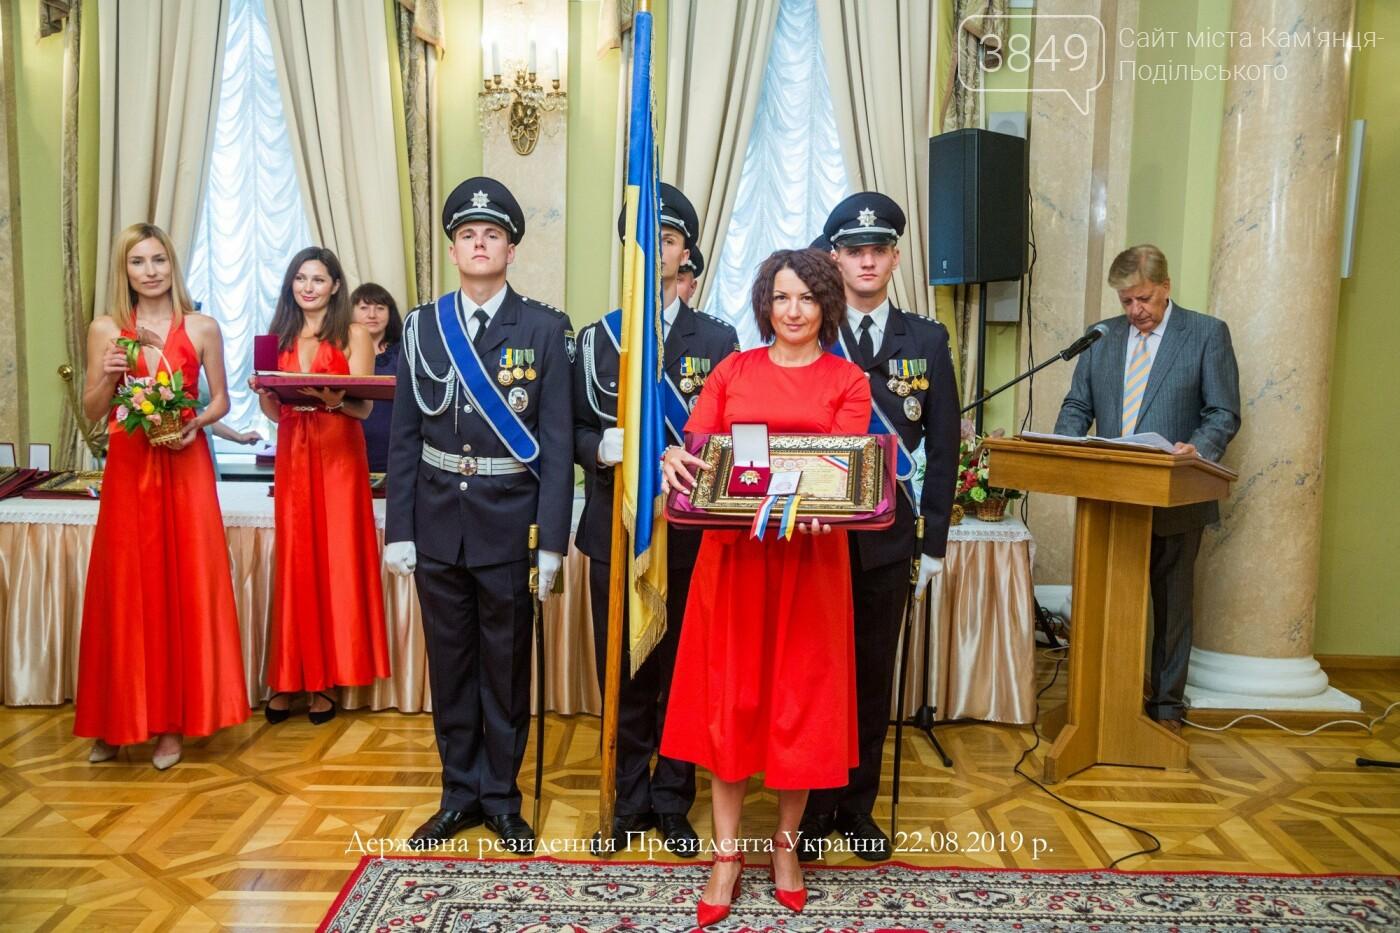 Лікар із Кам'янця-Подільського отримала найвищий міжнародний суспільний орден України, фото-6